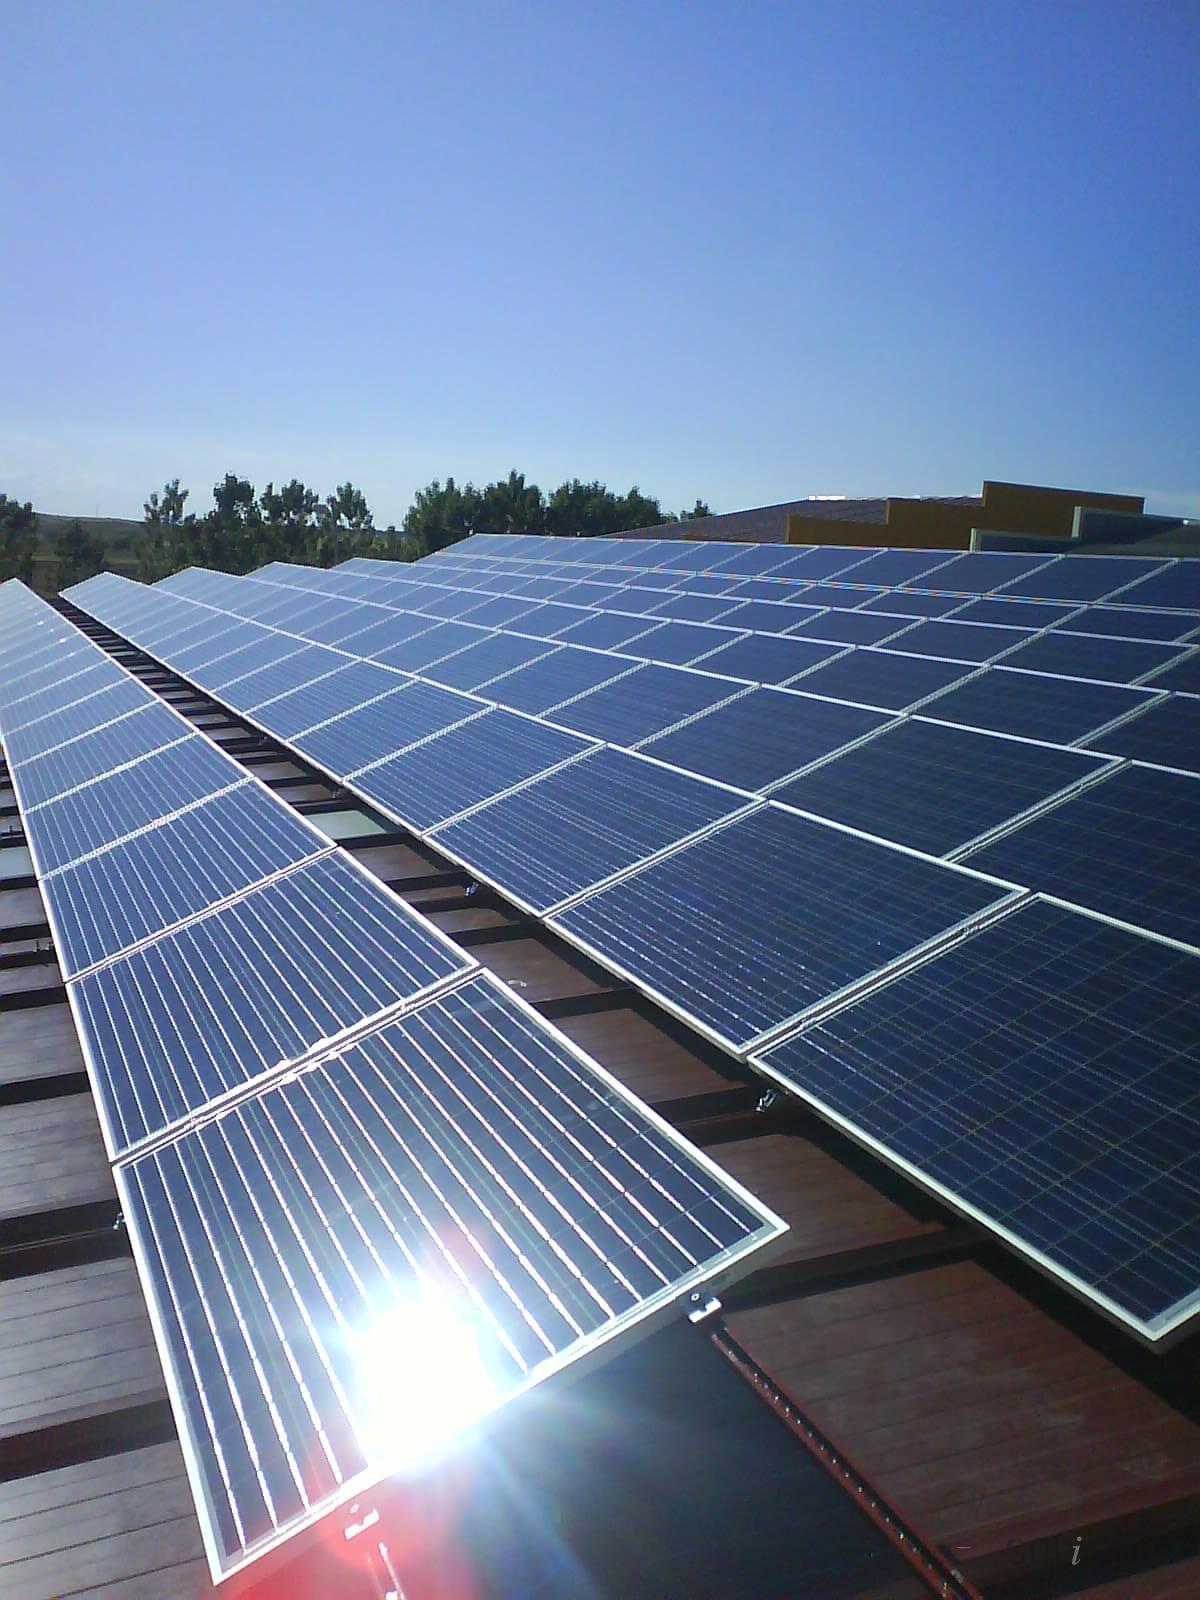 http://eurostaete.nl/wp-content/uploads/2017/02/Solar-Panels-Charger-voorbeeld-nav-plaatsing-zonnepanelen-Eurostaete.jpg